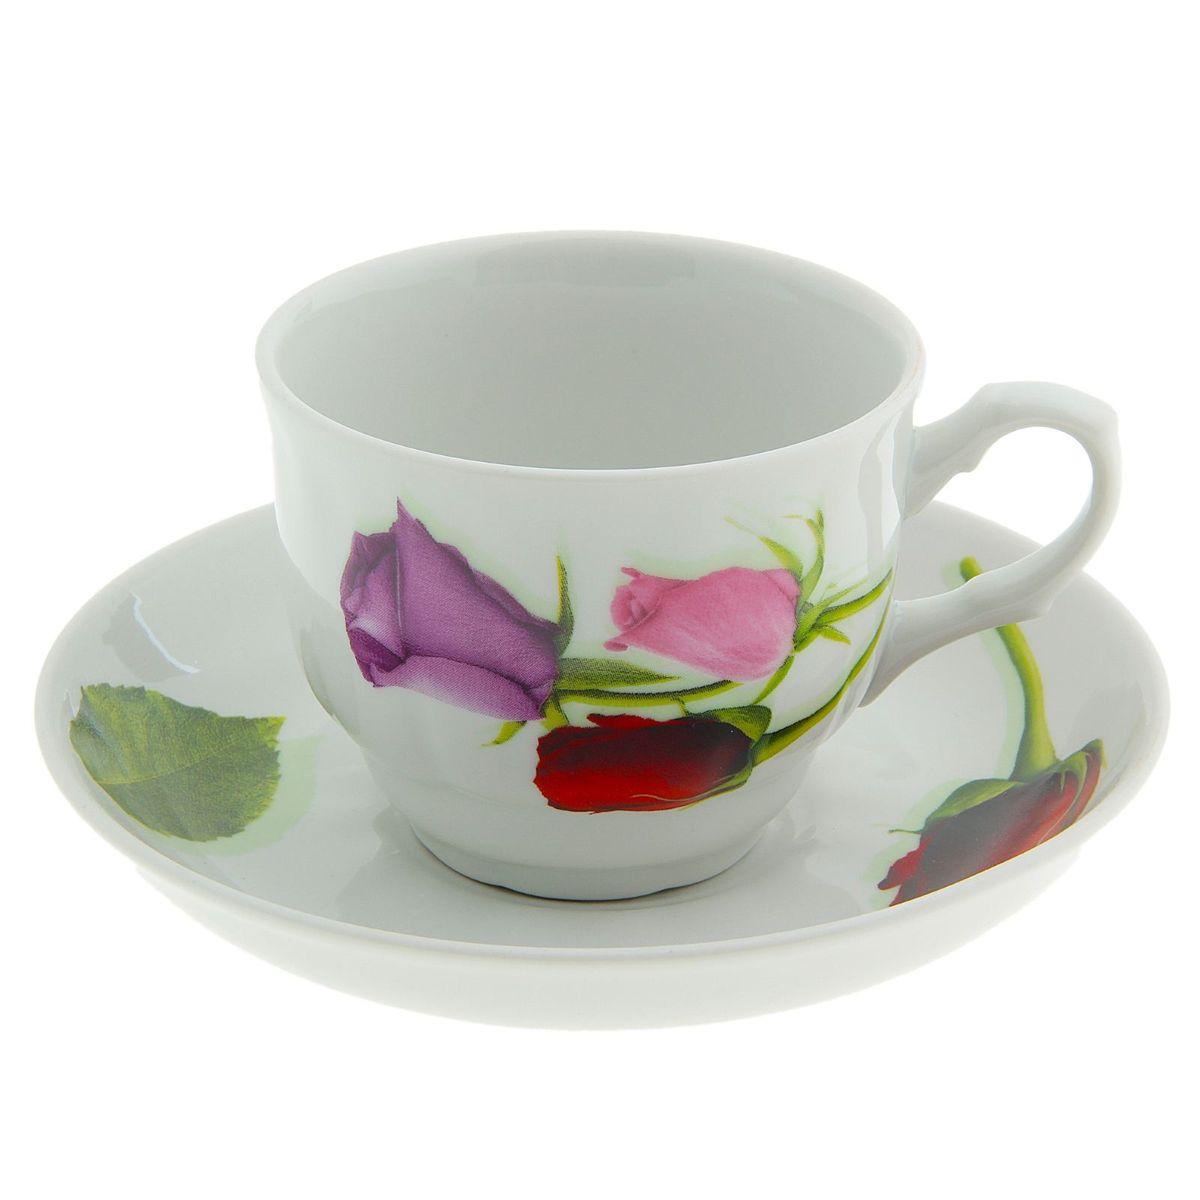 Чайная пара Тюльпан. Королева цветов, 2 предмета чайная пара кирмаш белье 2 предмета